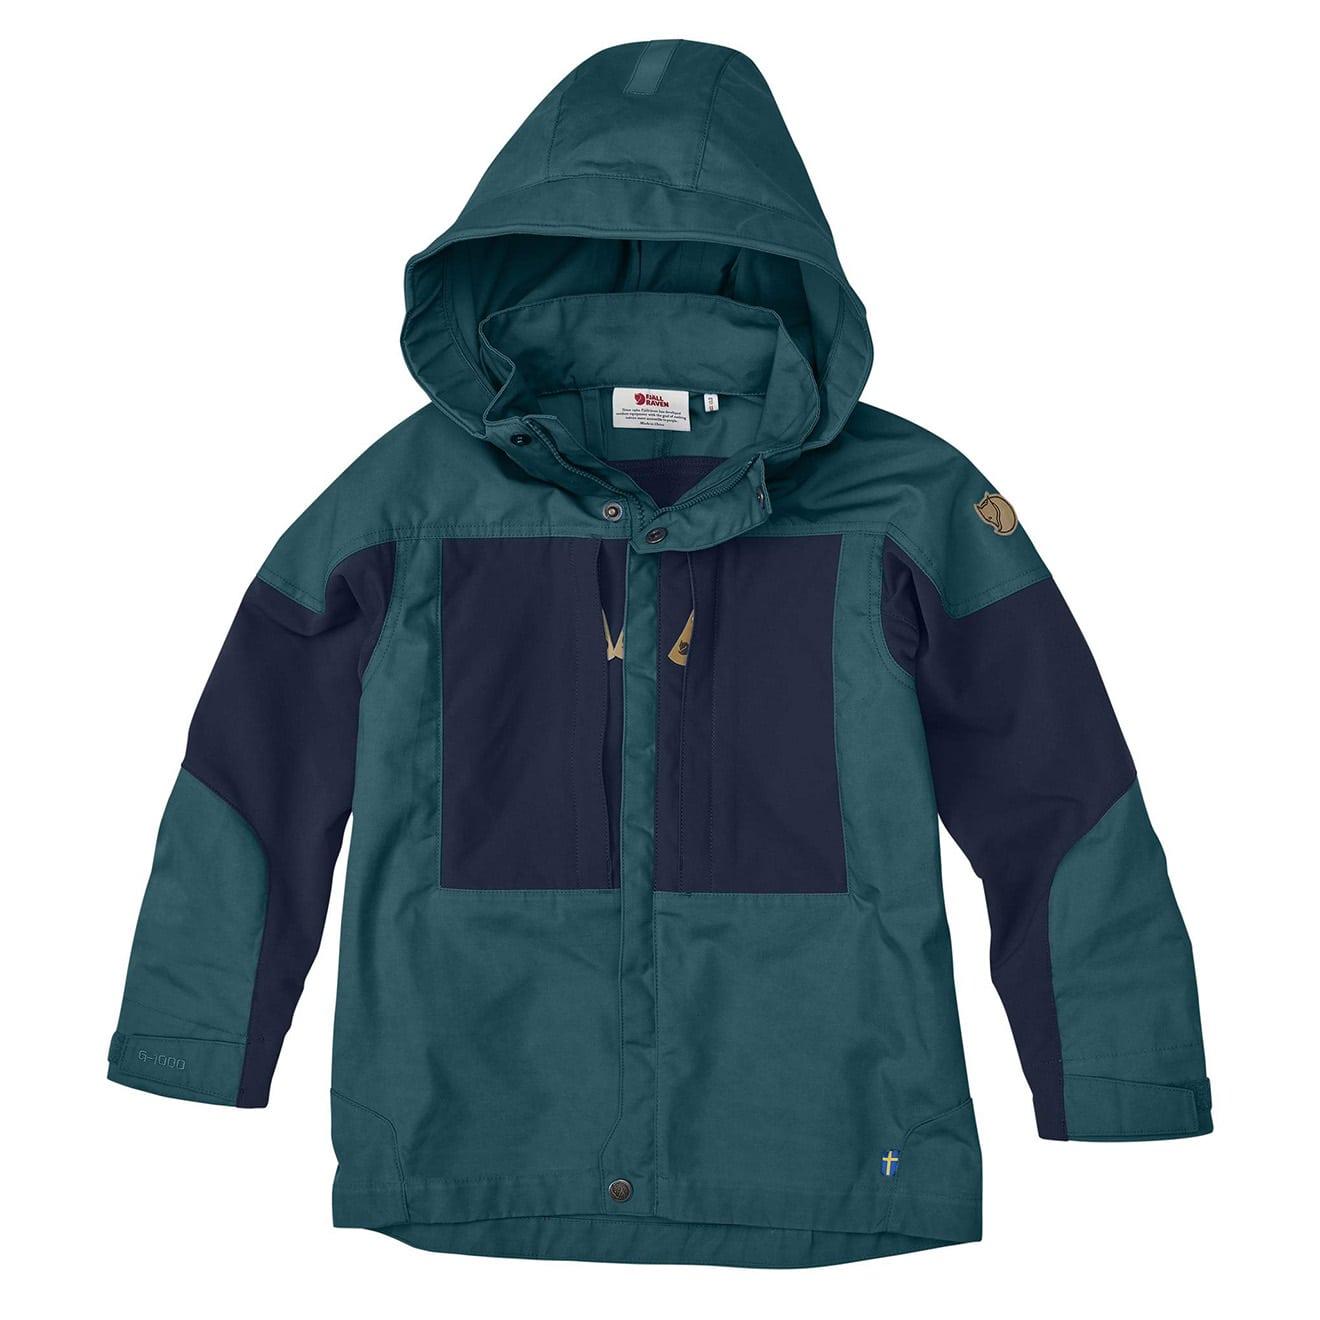 najlepiej kochany nowy wygląd Nowa lista Fjallraven Kids Keb Jacket Glacier Green / Dark Navy